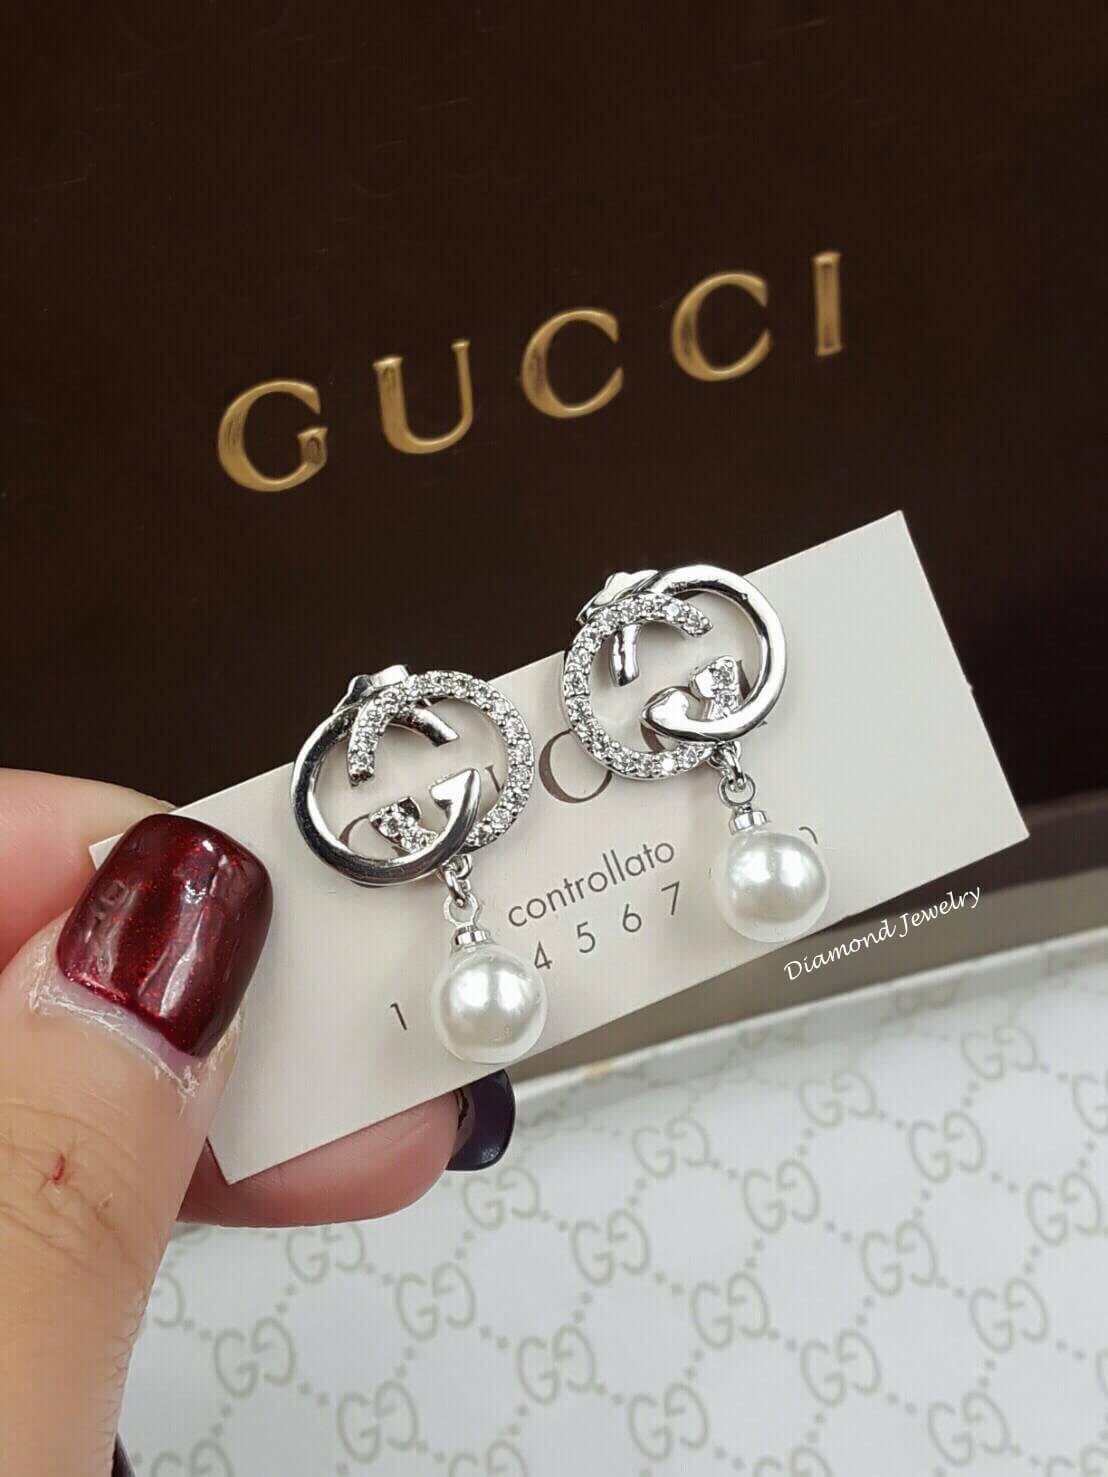 พร้อมส่ง Gucci Earring ต่างหูกุชชี่งานประดับมุกน่ารักที่สุดในสามโลก